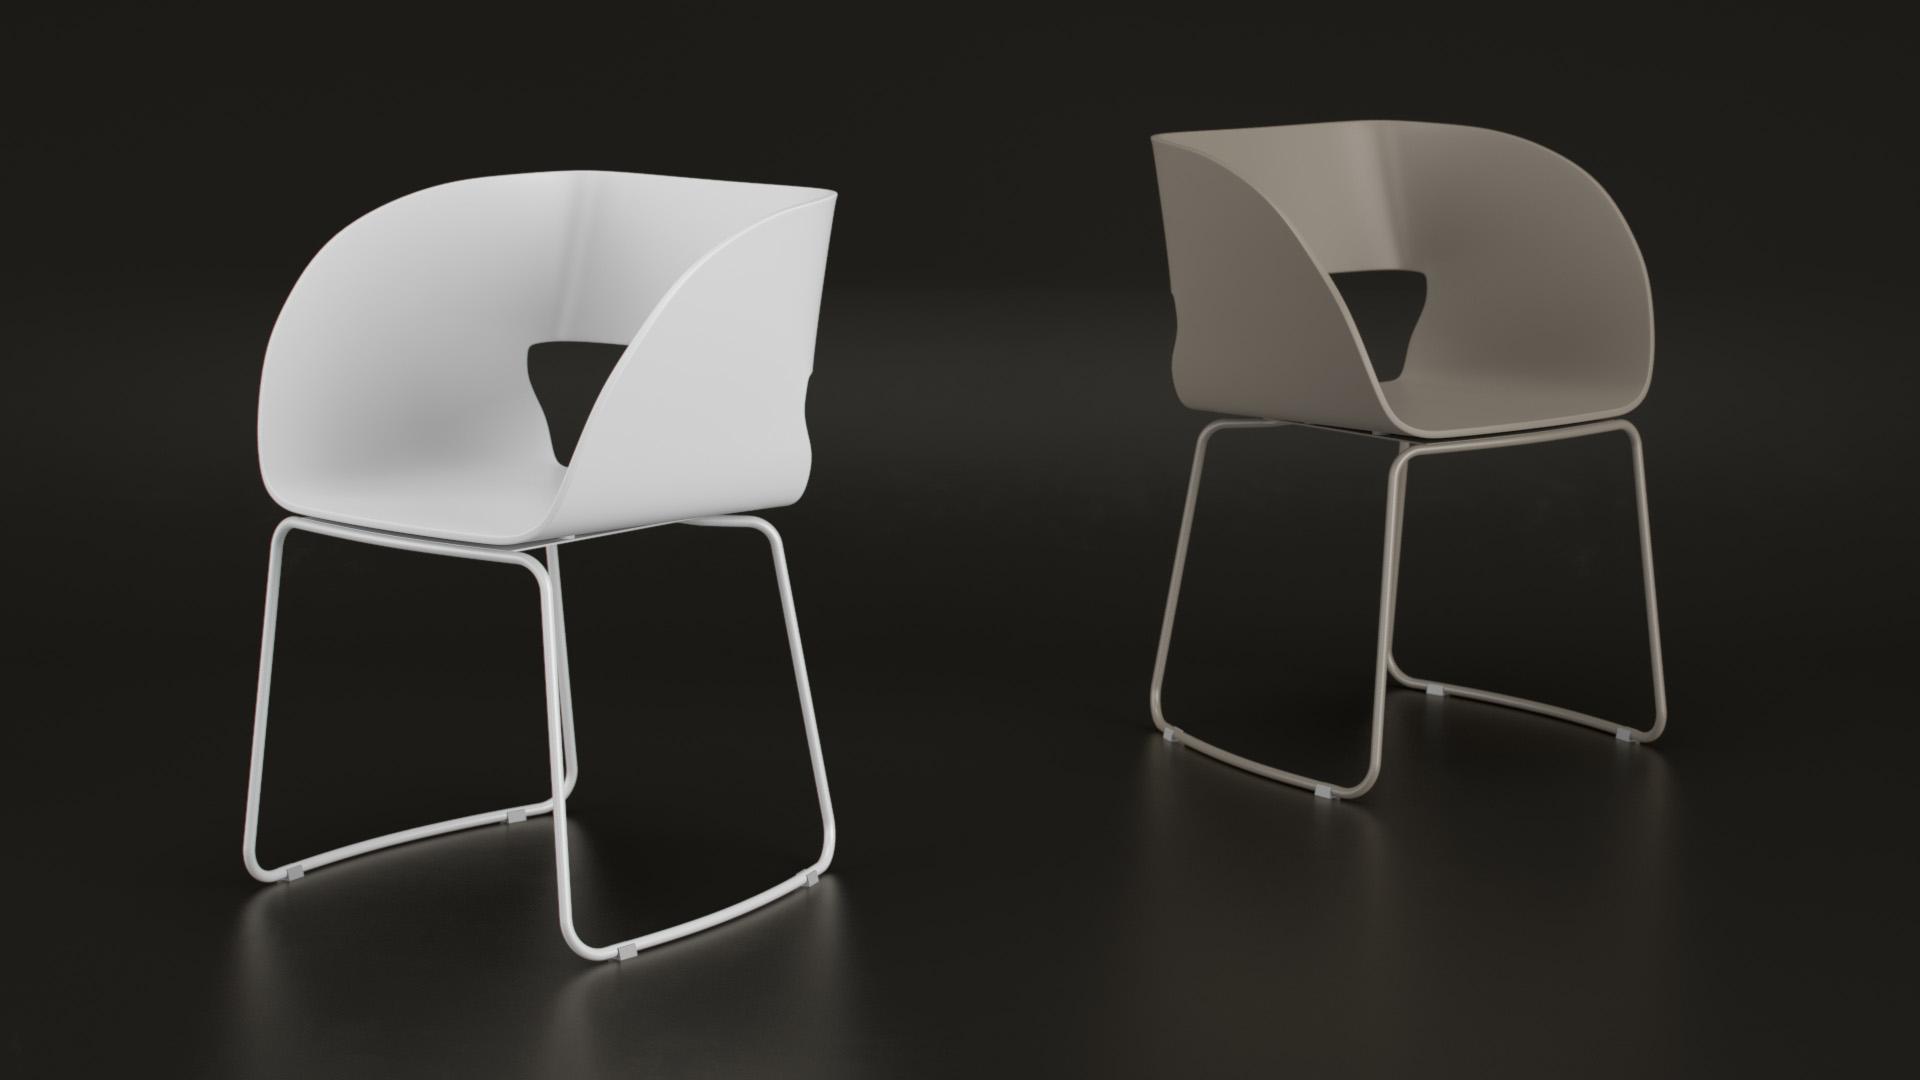 Vintage_Chair_SledLegs_BlackSet_01_V1.01_0004